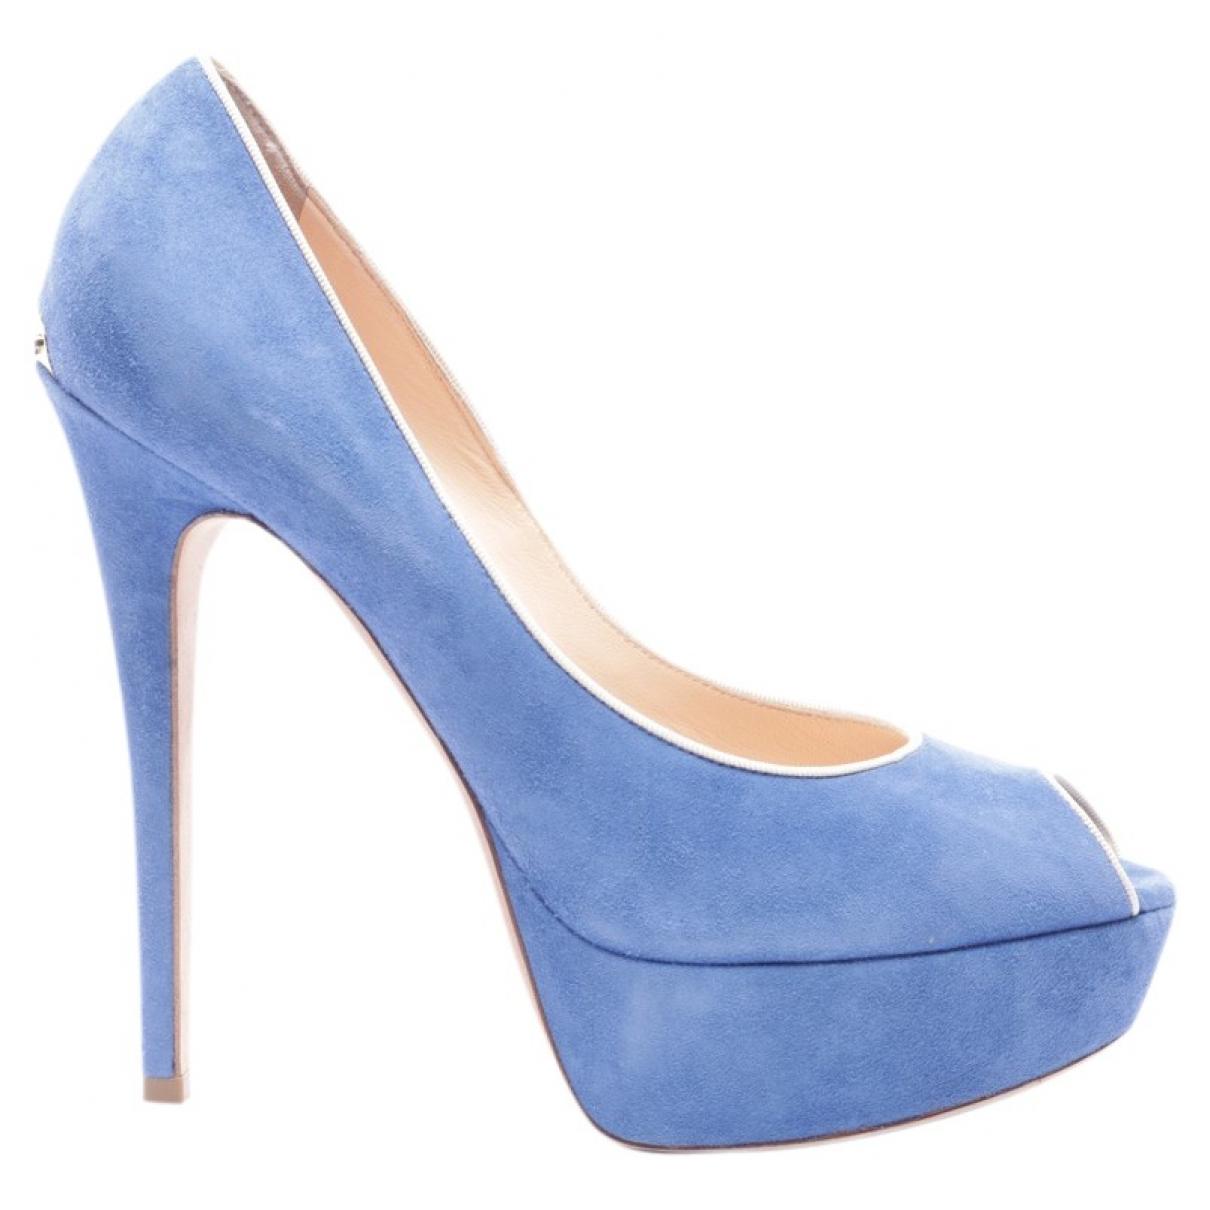 Alchimia Di Ballin - Escarpins   pour femme en cuir - bleu